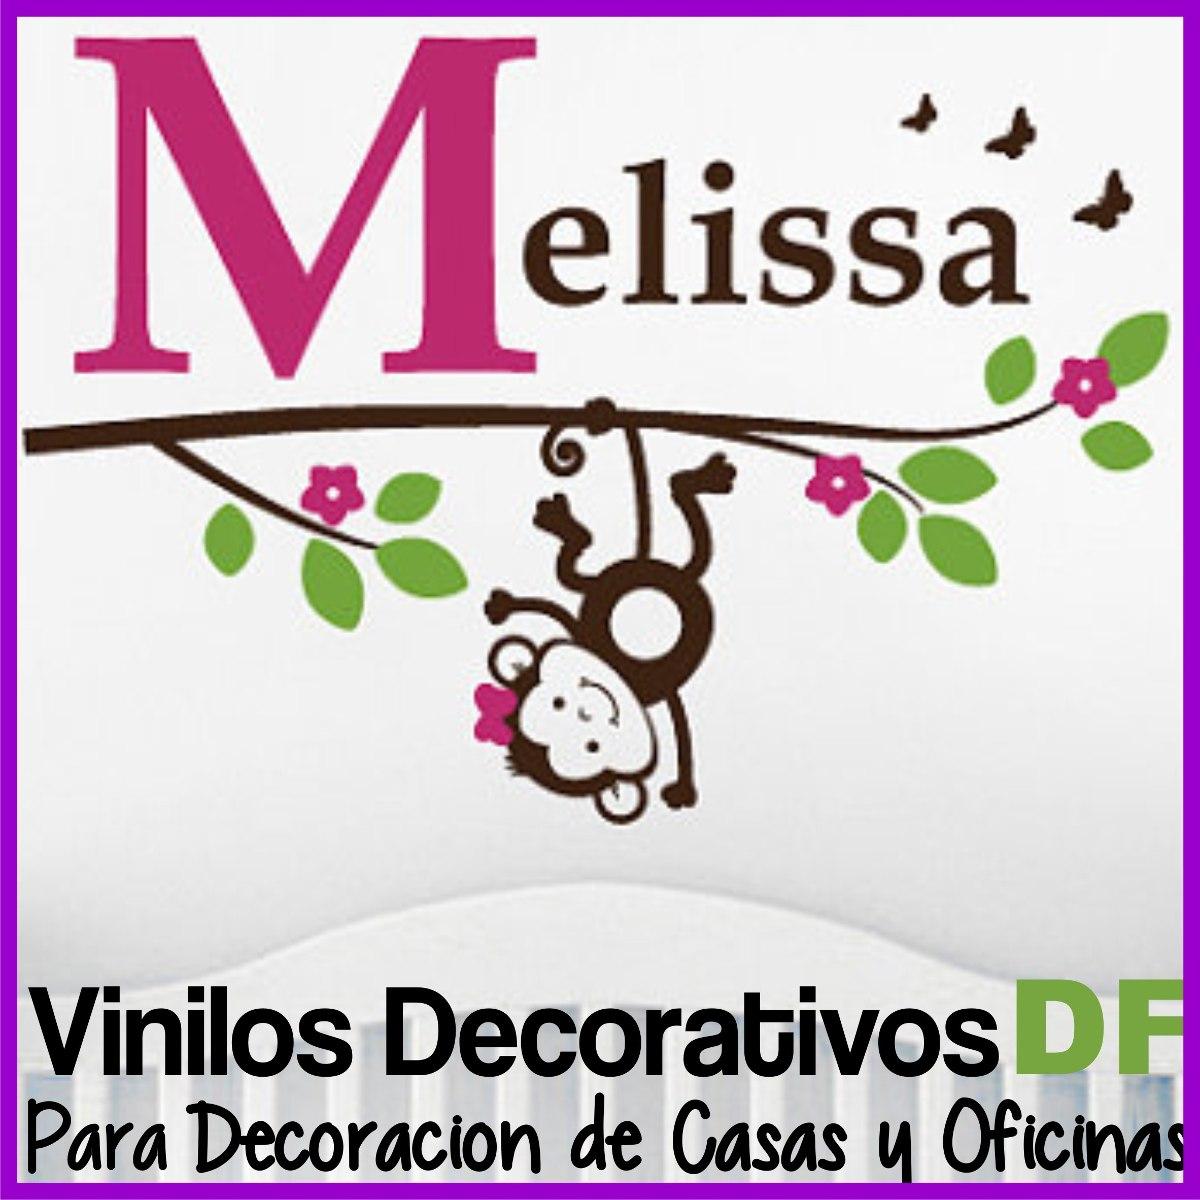 Vinilos decorativos de ramas infantiles nombres changuitos for Donde encontrar vinilos decorativos